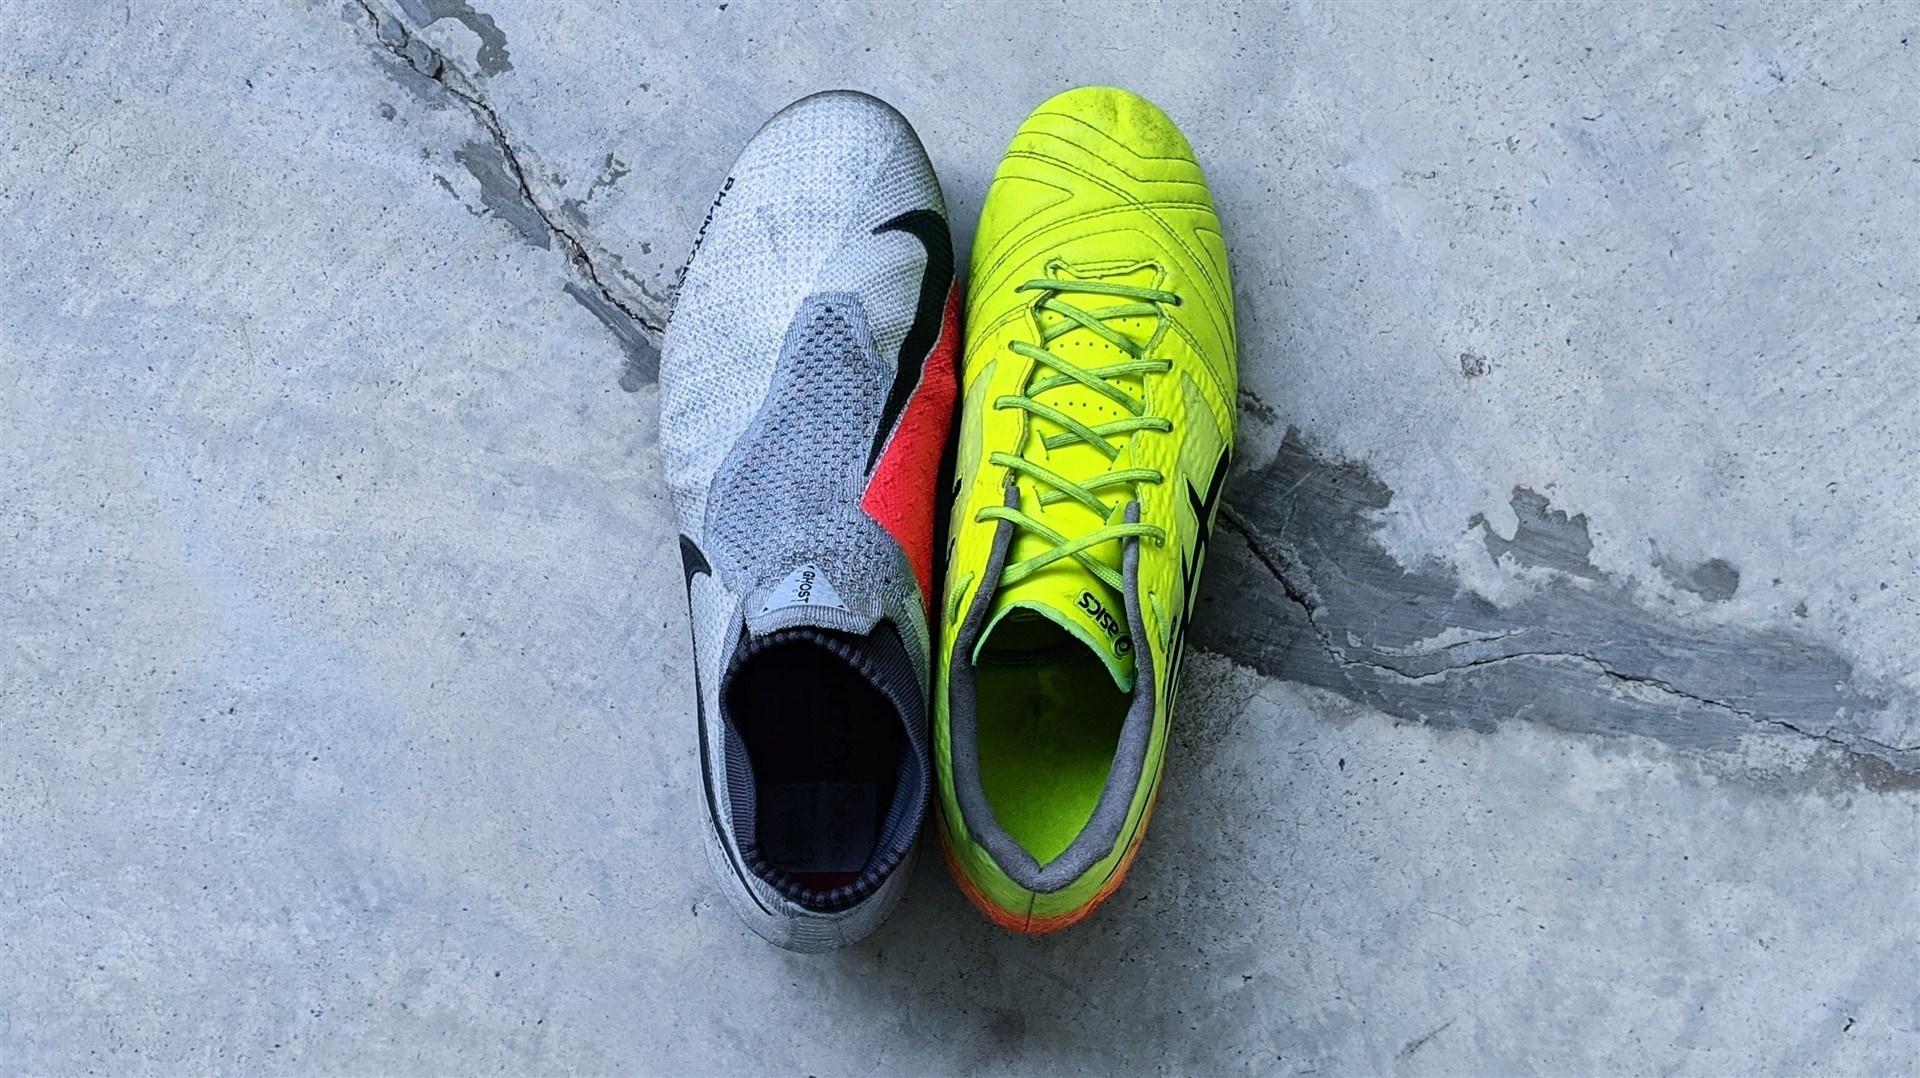 Chọn được đôi giày bóng đá có size và form giày phù hợp sẽ giúp bạn thoải mái hơn